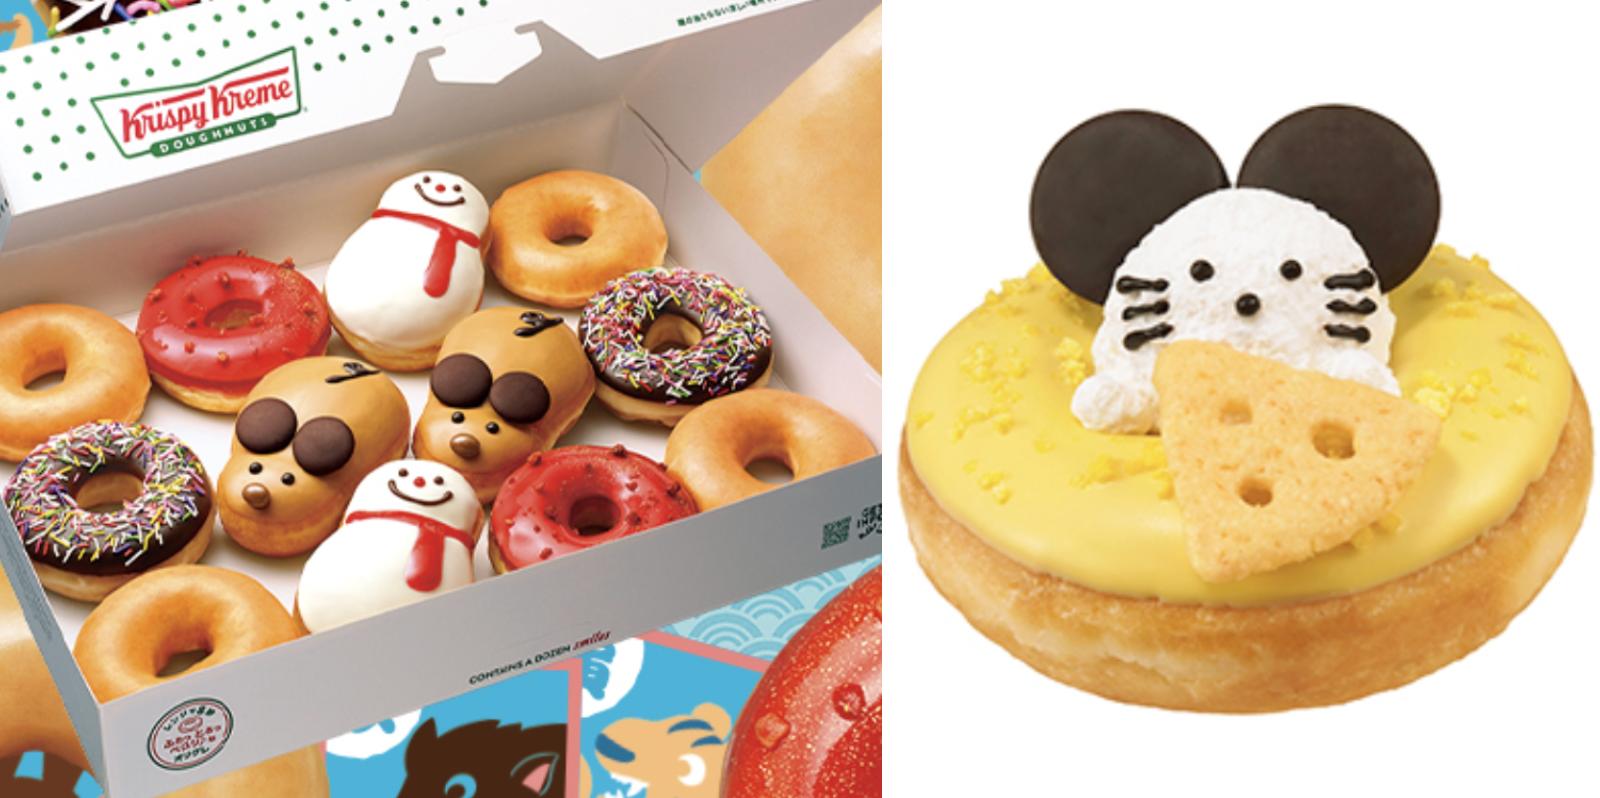 Krispy Kreme Christmas Doughnuts 2020 Krispy Kreme Is Selling Cheese Inspired Donuts